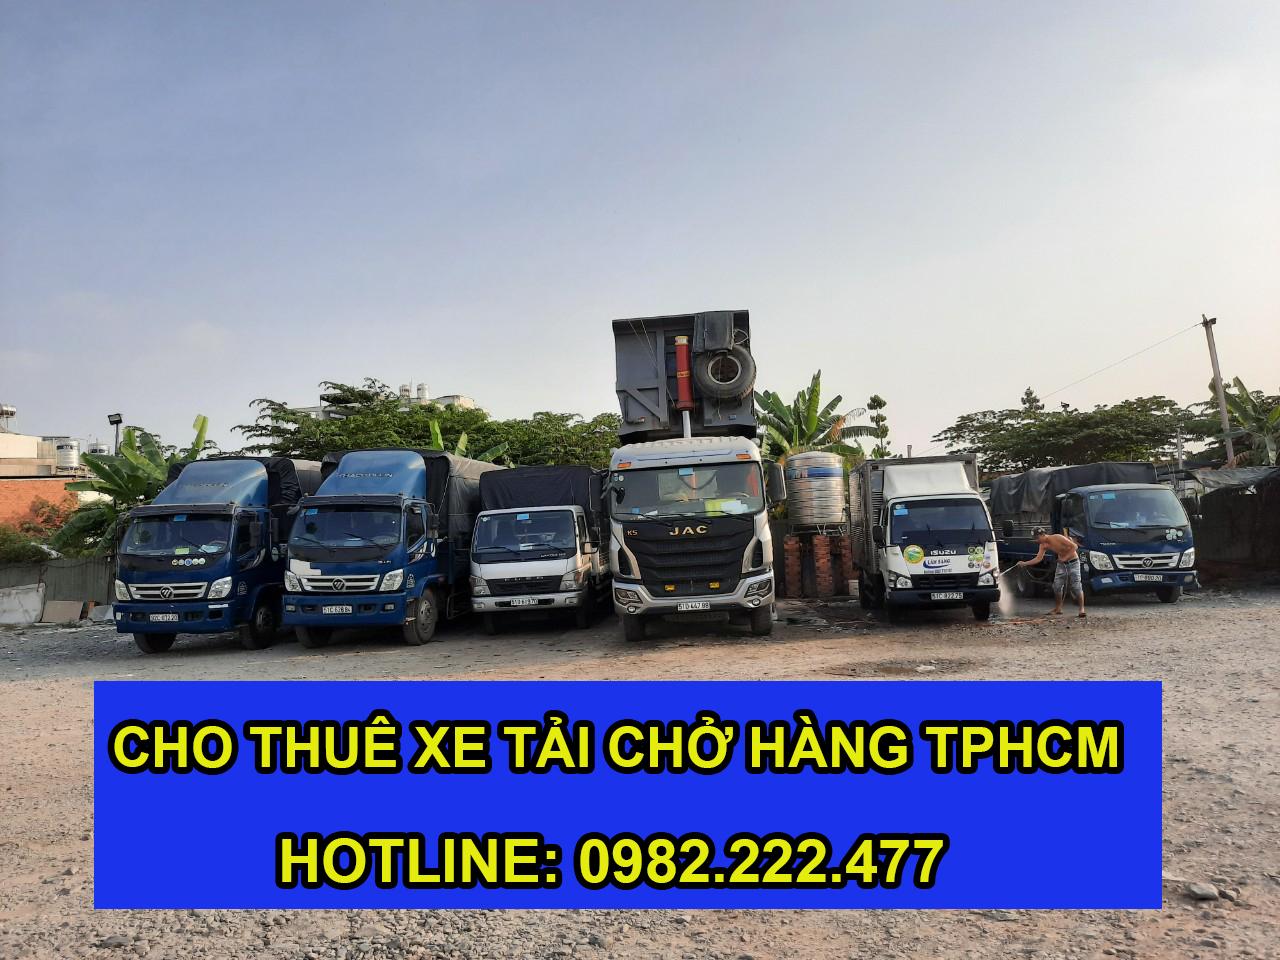 Cho thuê xe cẩu hàng giá rẻ tại tphcm